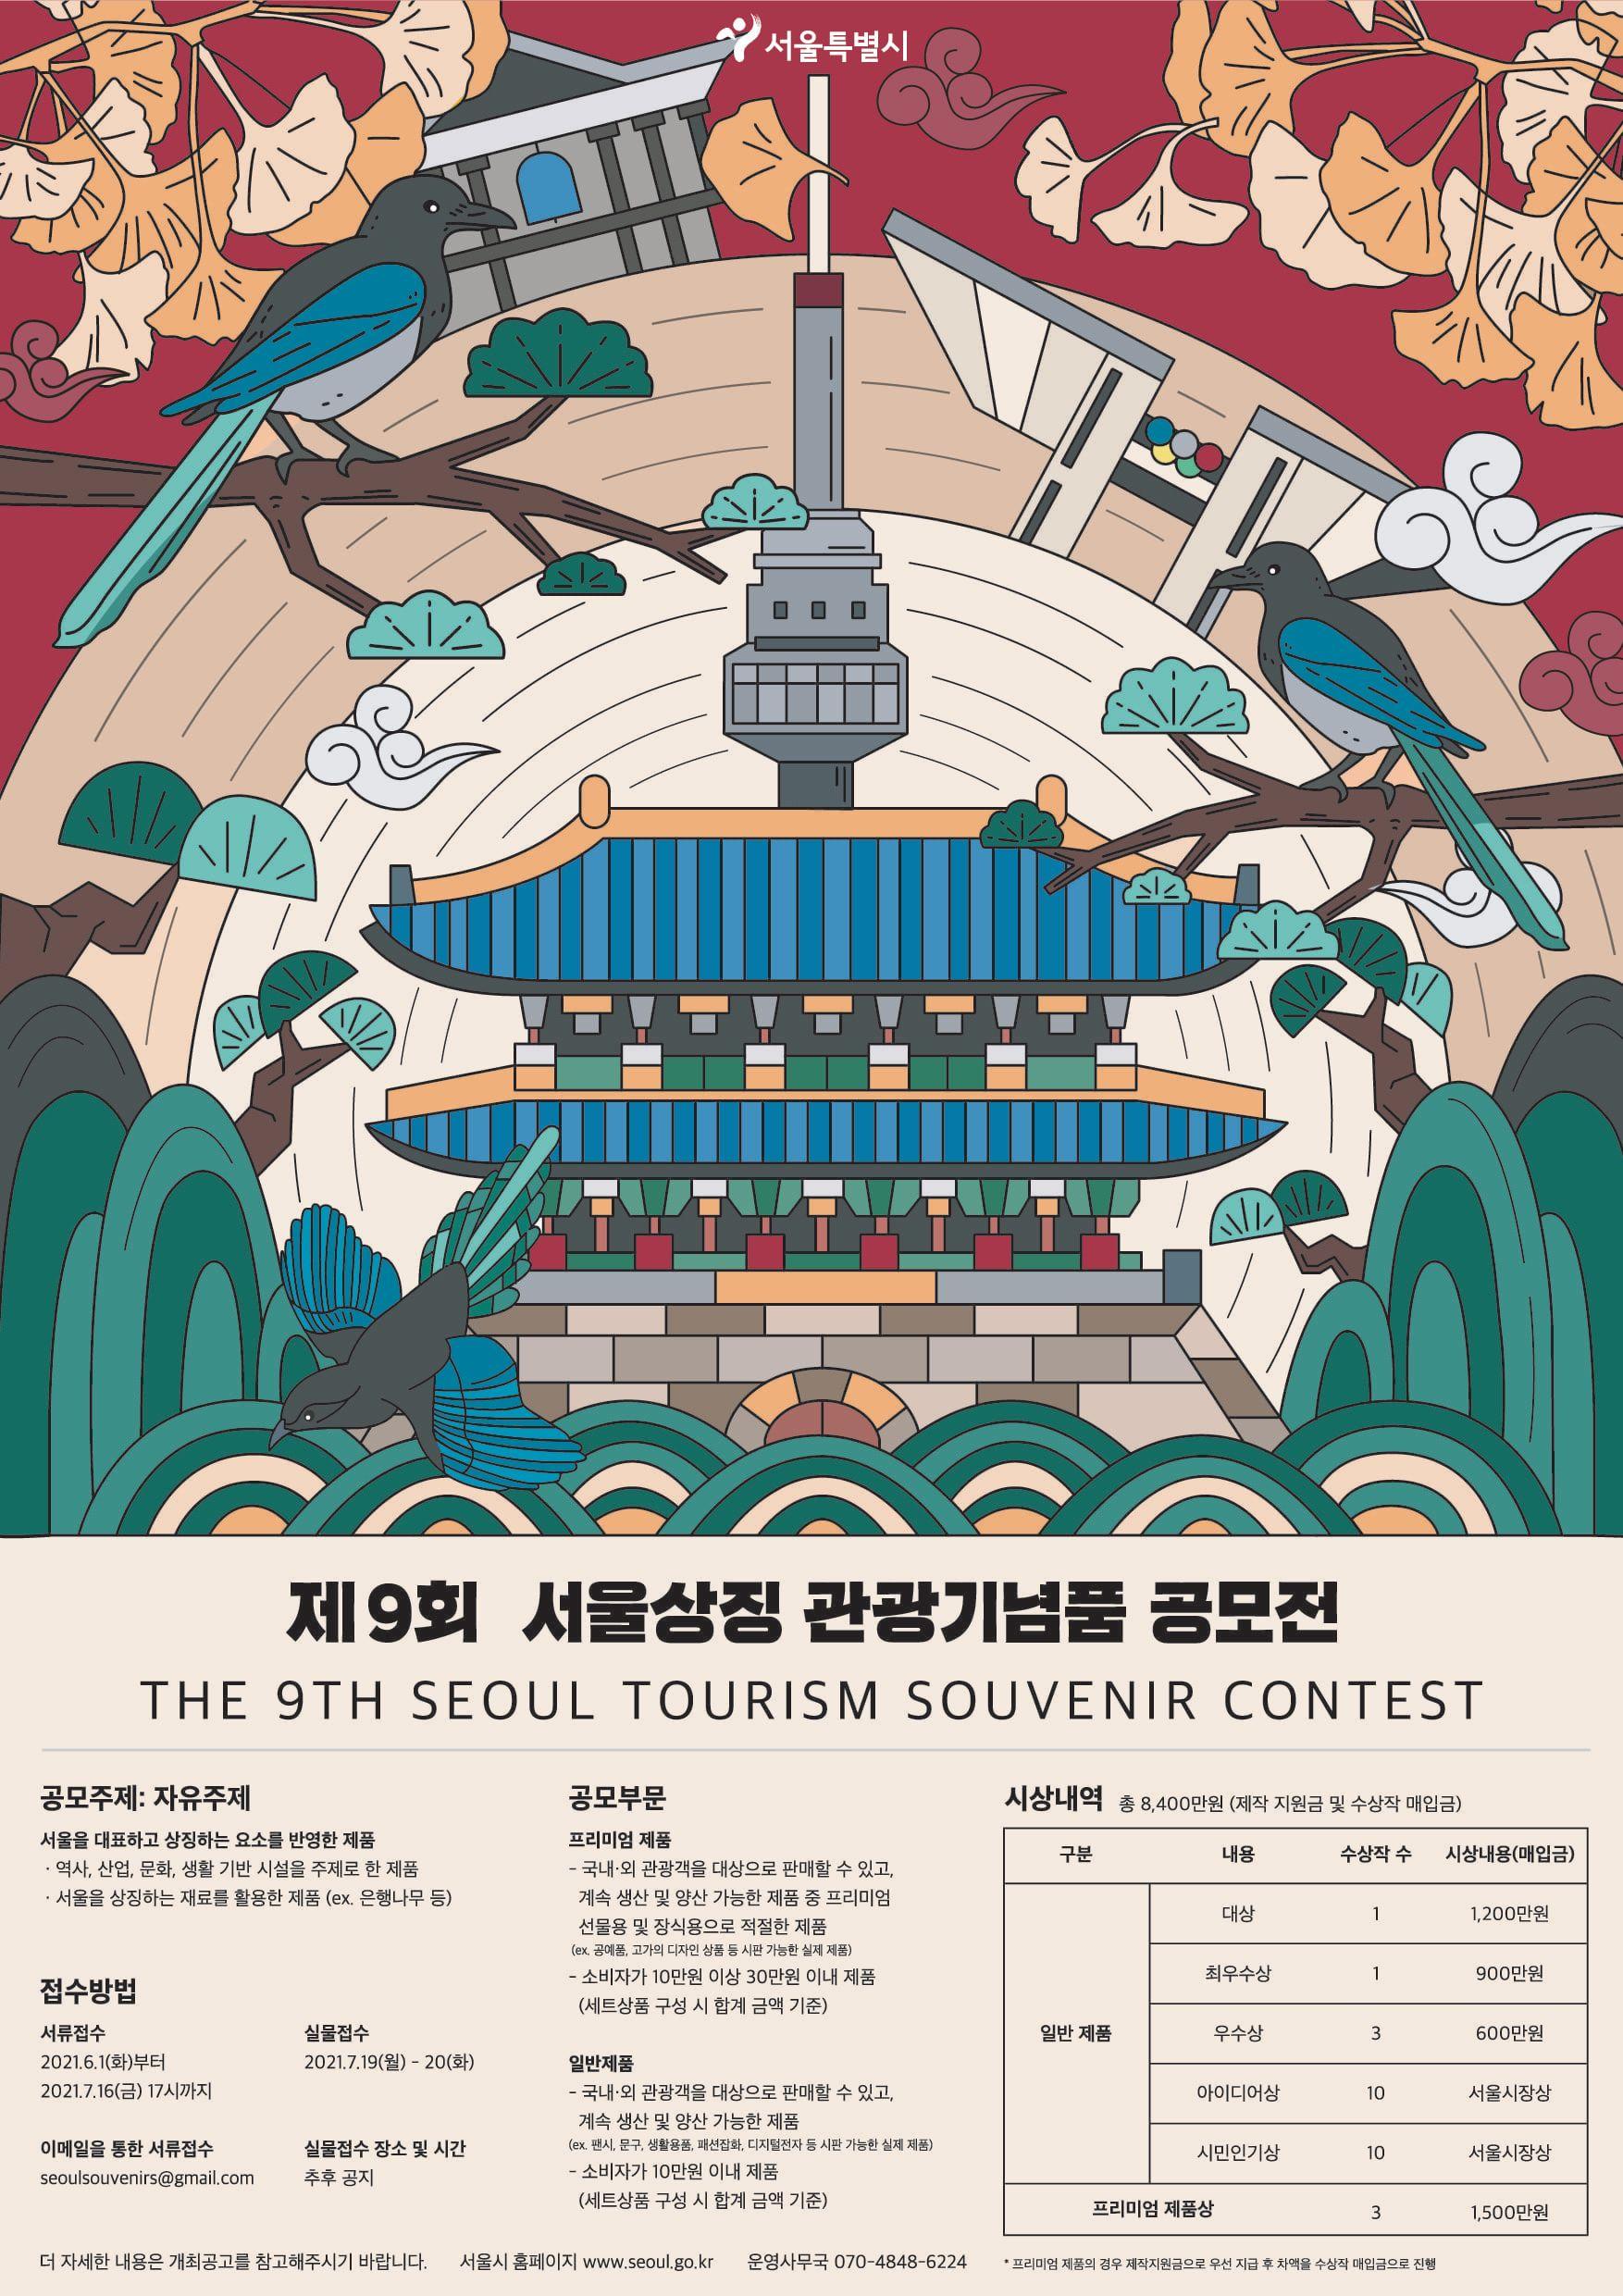 2021년 제9회 서울상징 관광기념품 공모전